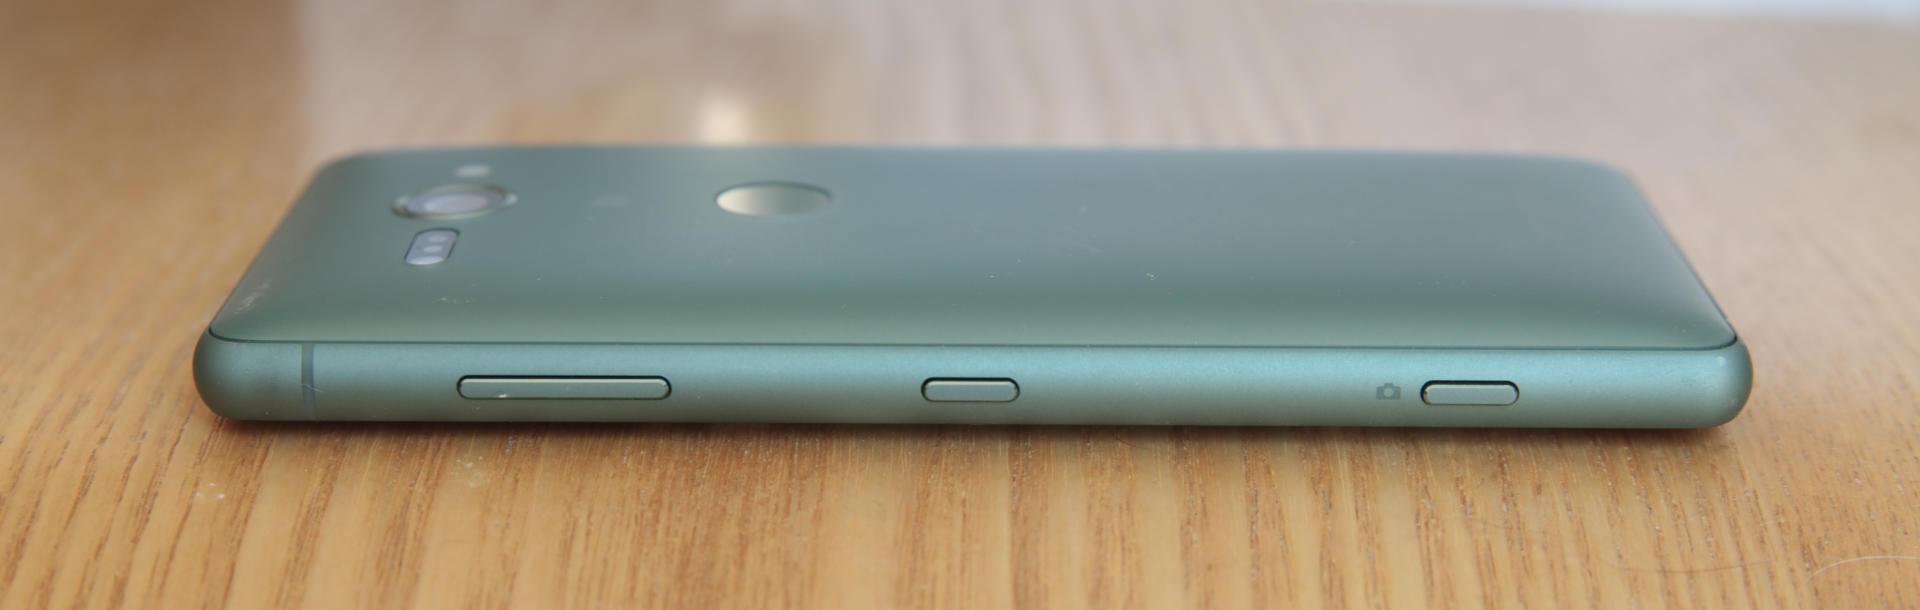 Le petit Sony est particulièrement épais et bombé, mais cela ne nuit pas à son confort en main, bien au contraire.